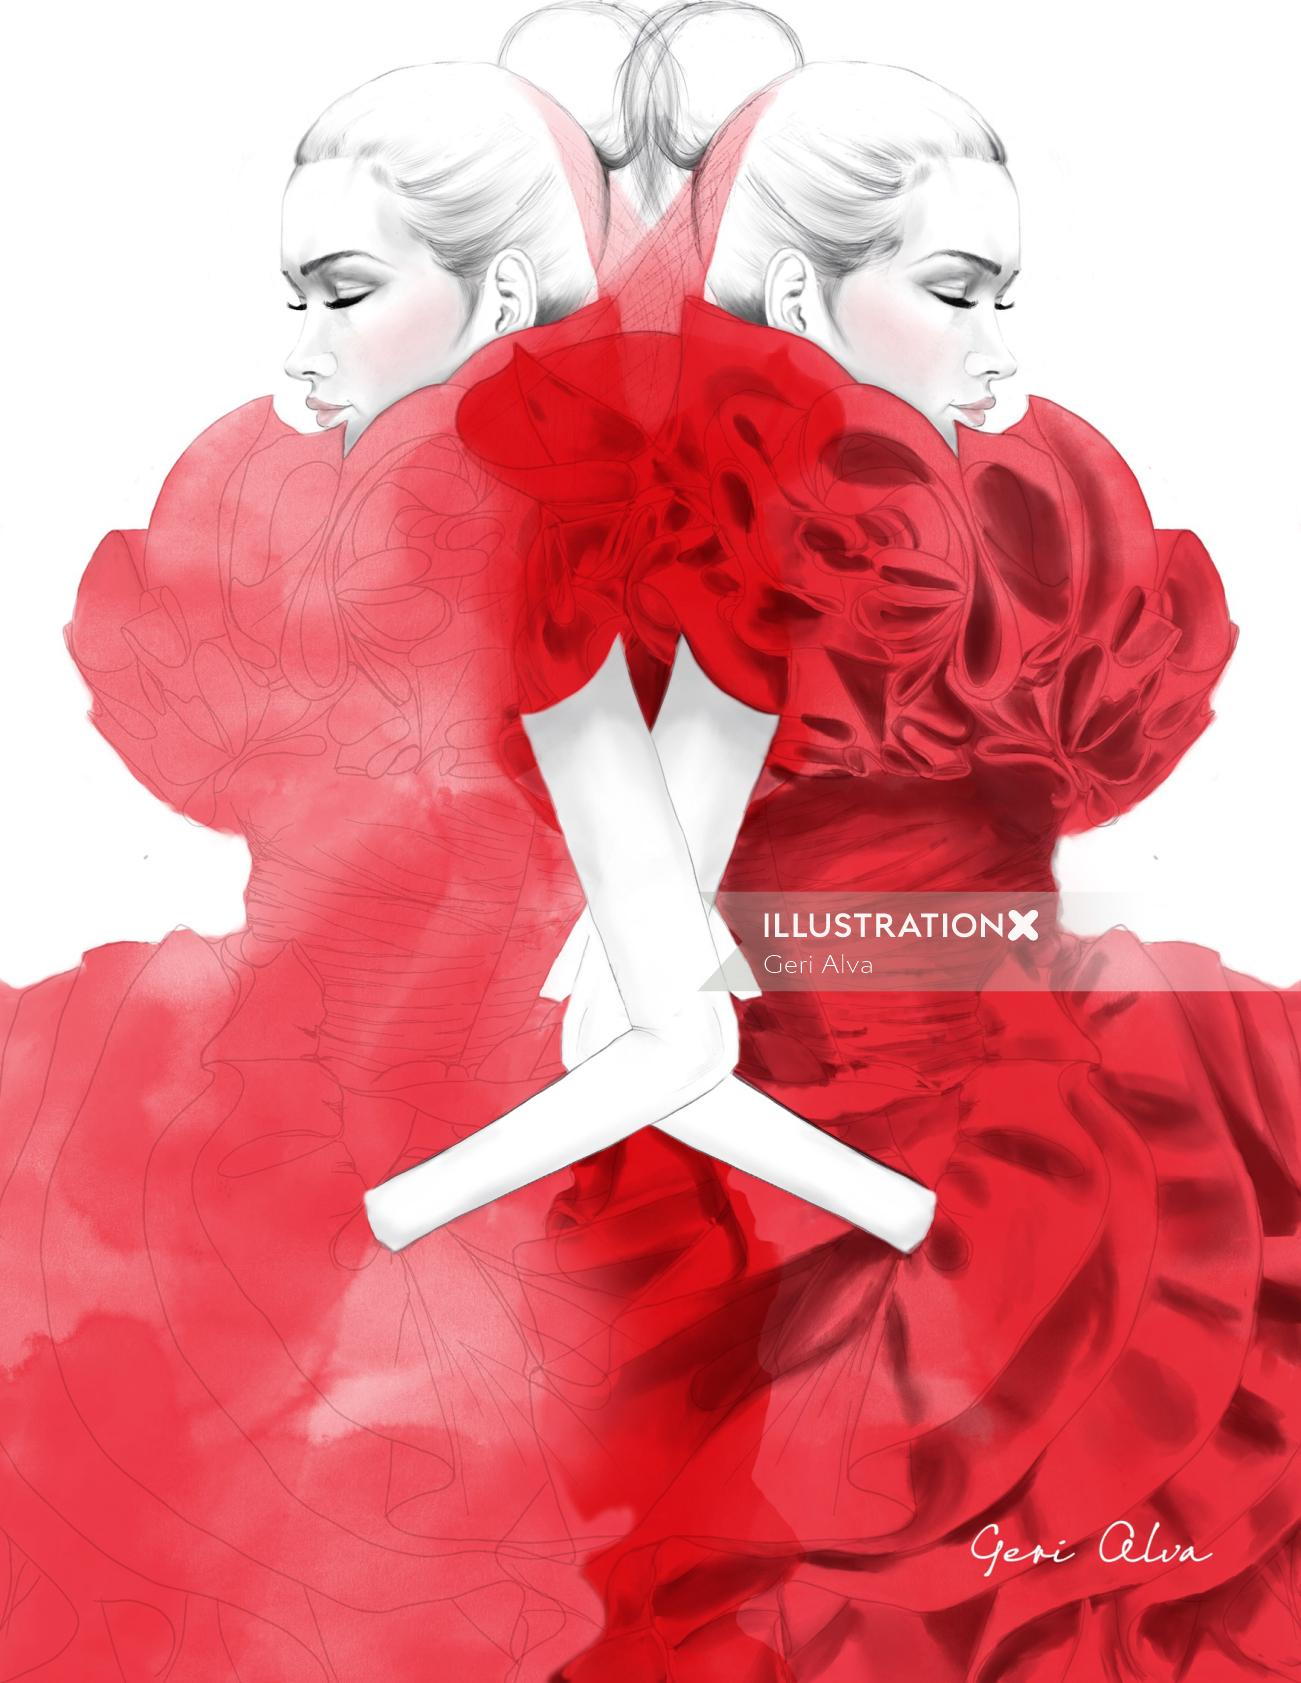 fashion, fashion illustrations, fashion editorial illustrations, editorial photography illustration,